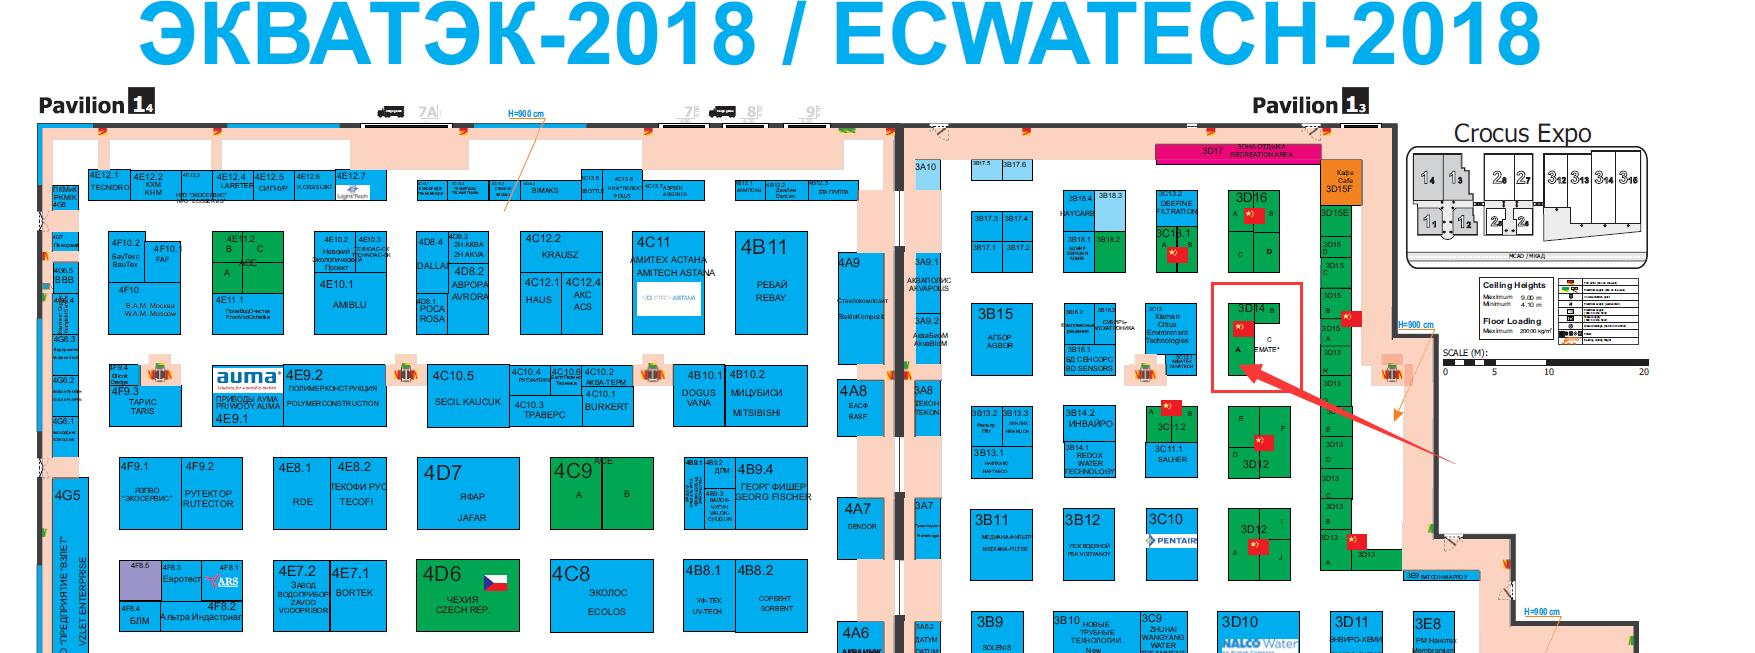 KeenSen will attend ECWATECH-2018